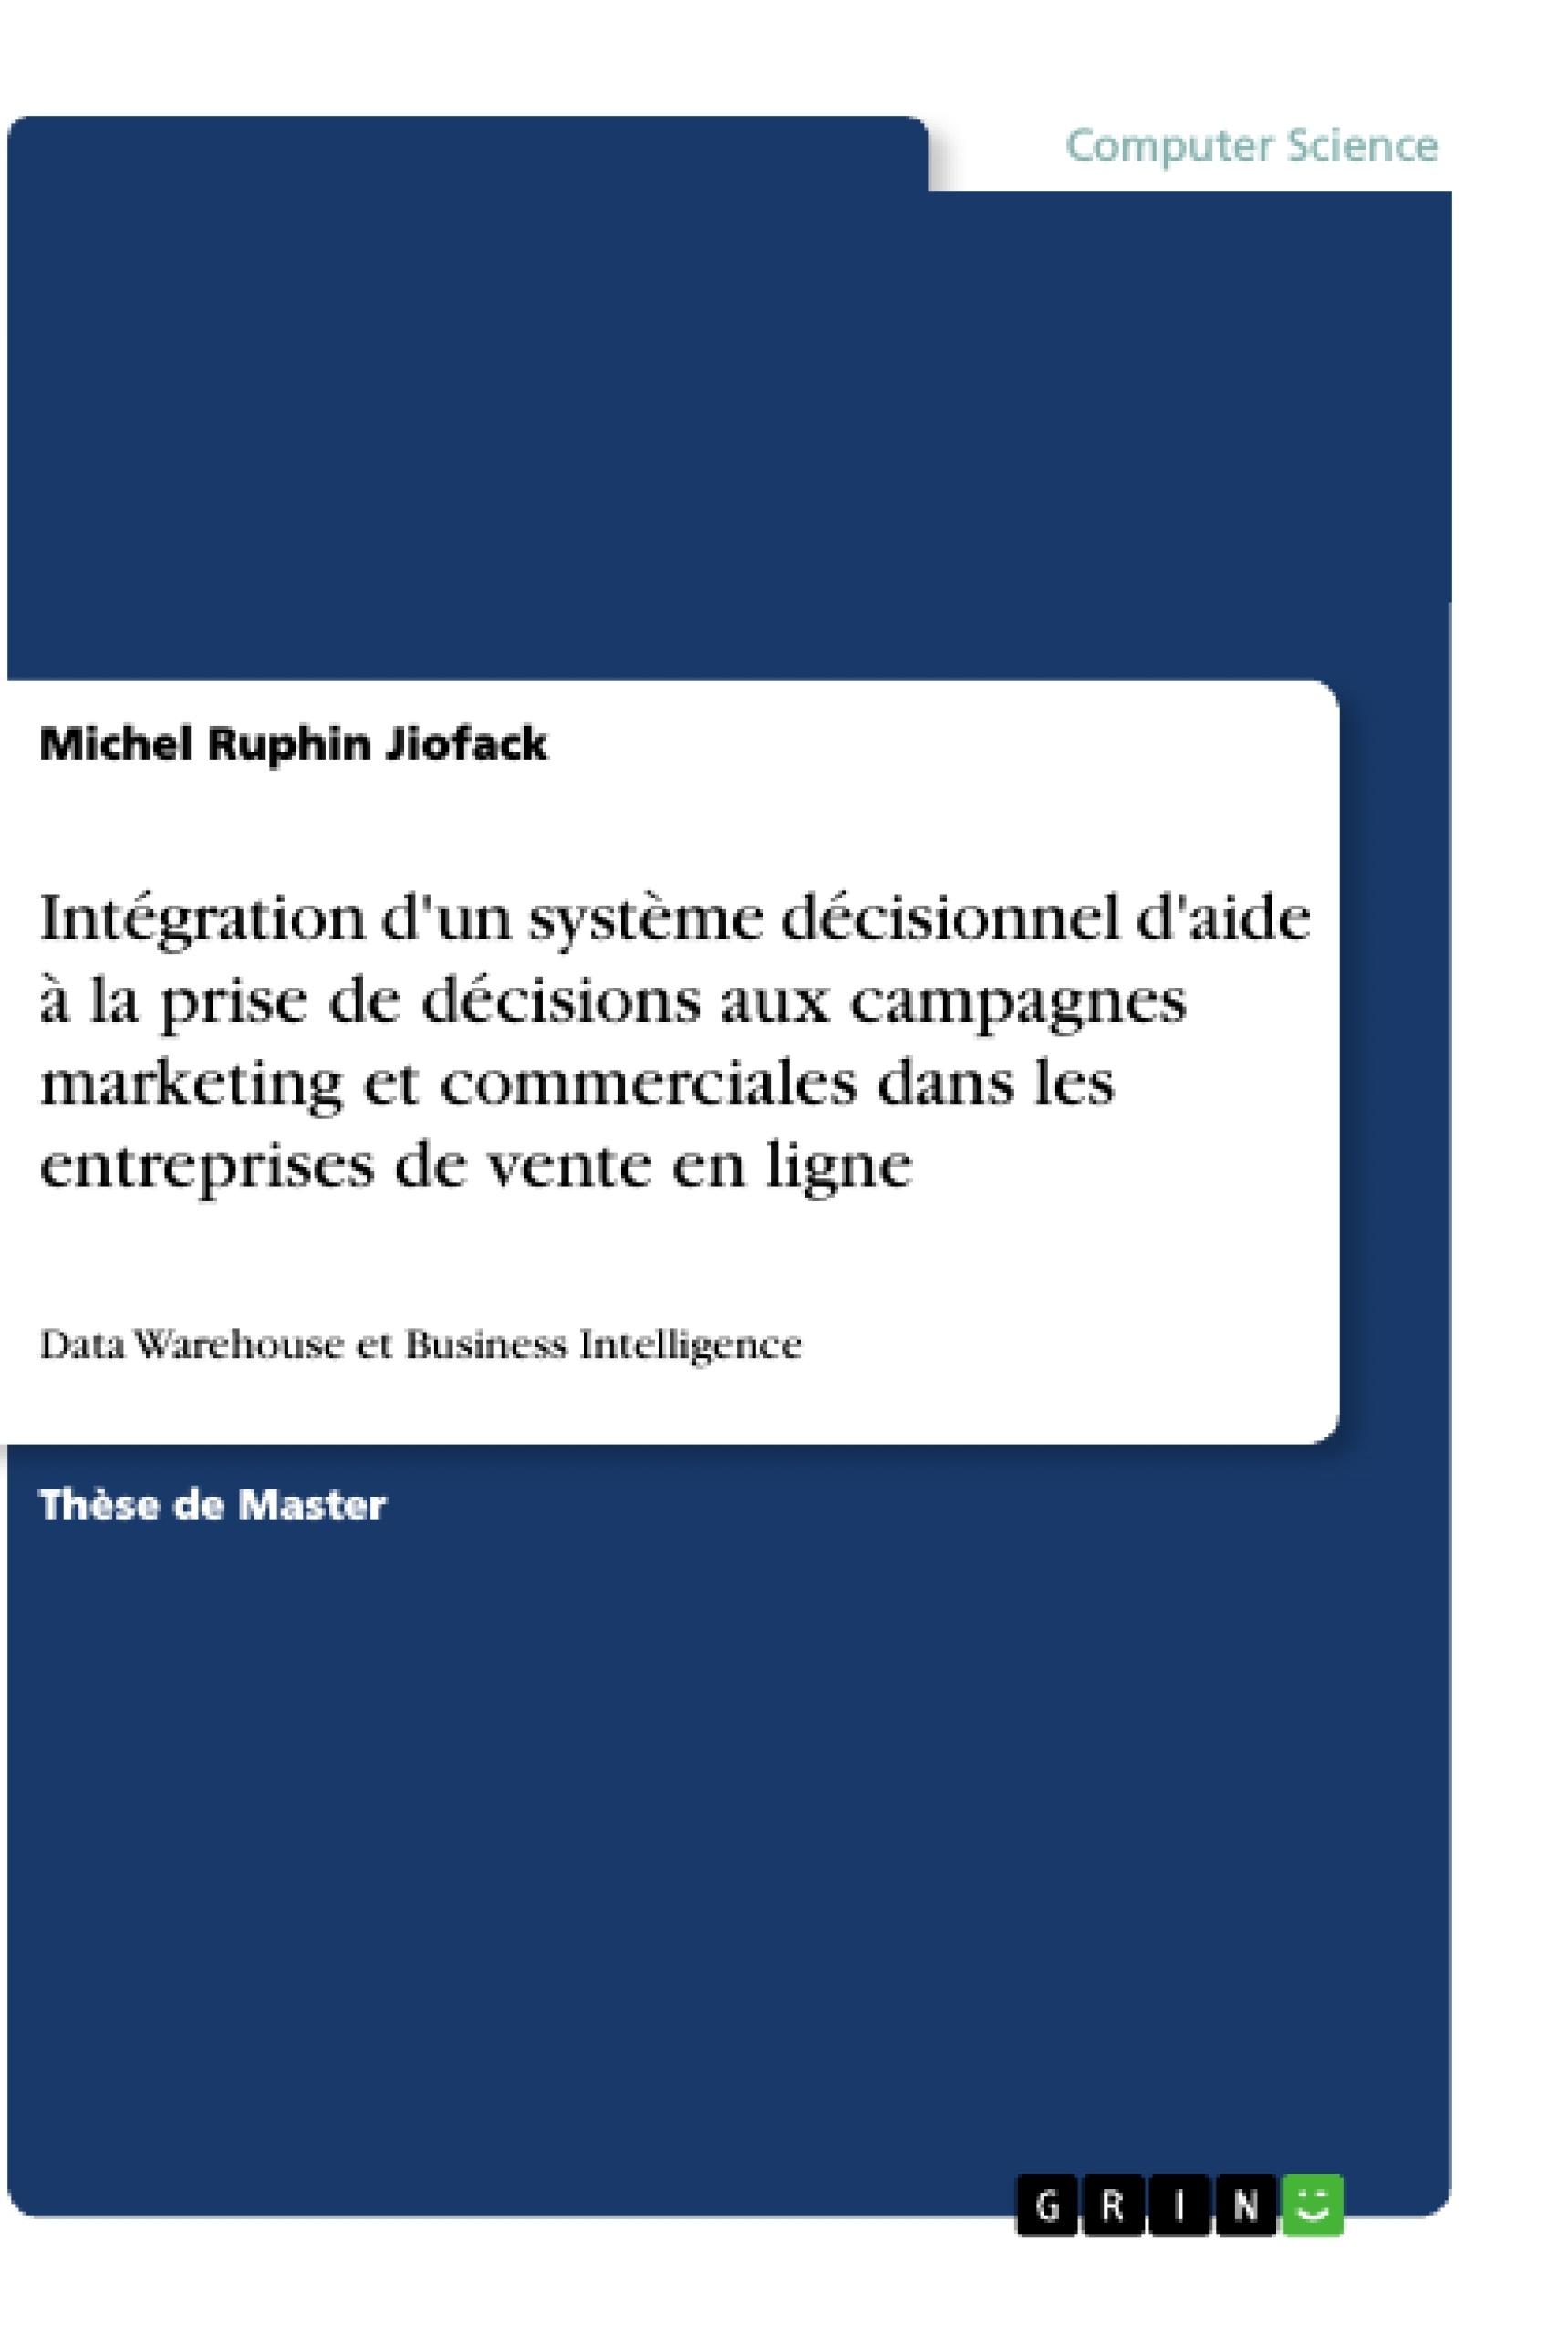 Titre: Intégration d'un système décisionnel d'aide à la prise de décisions aux campagnes marketing et commerciales dans les entreprises de vente en ligne